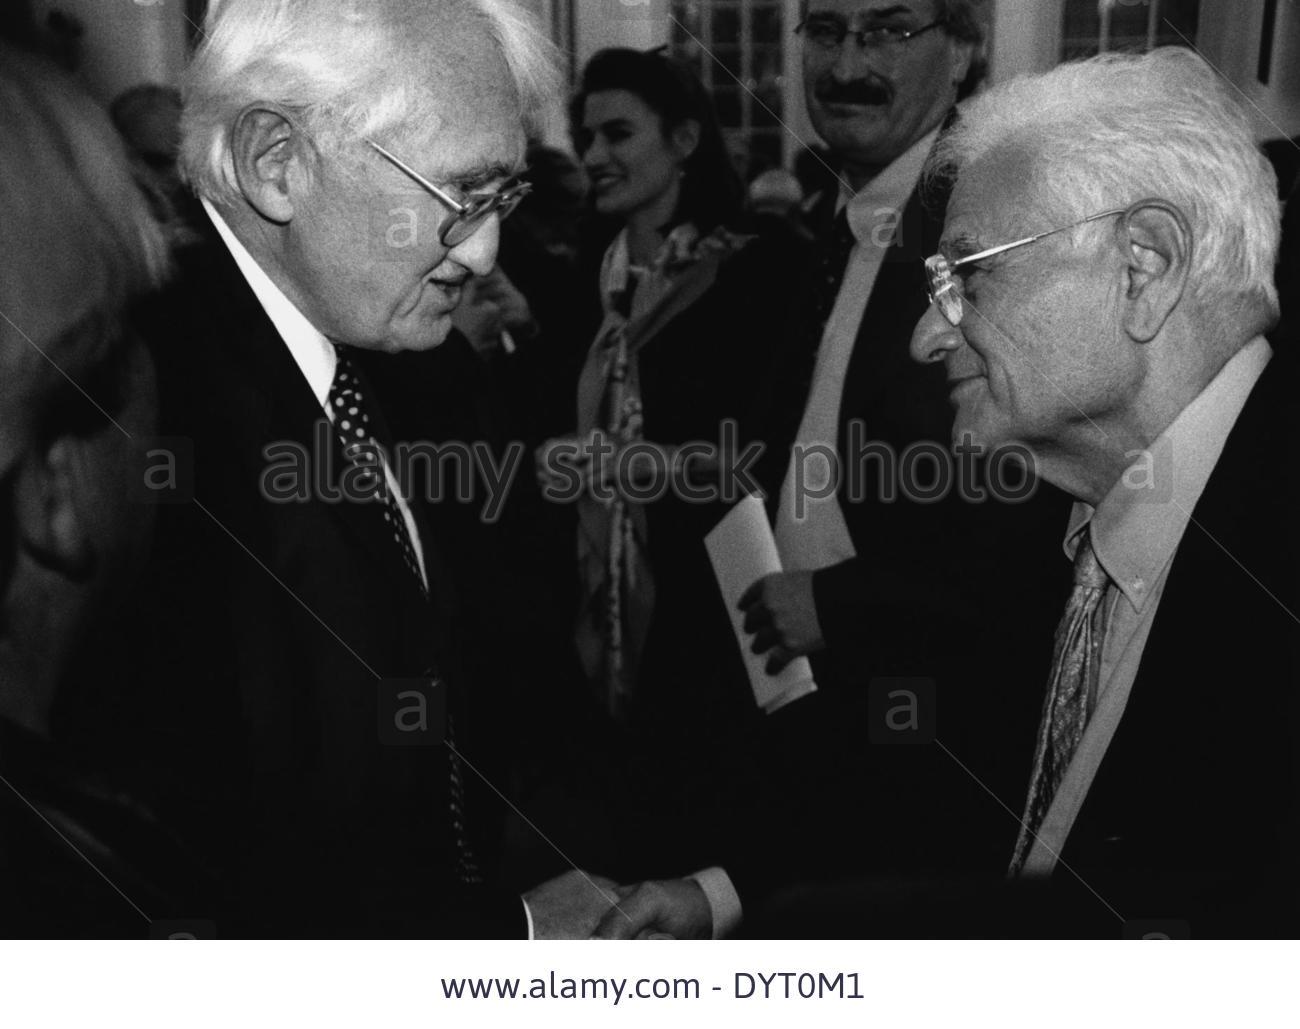 87c51fd49 وُلِد دريدا في منطقة الأبيار في الجزائر عام 1930 وتوفّي في باريس عام 2004.  كان دريدا من أُسرة يهودية، ولذلك طُرِد من المدرسة أثناء الحرب العالمية  الثانية ...